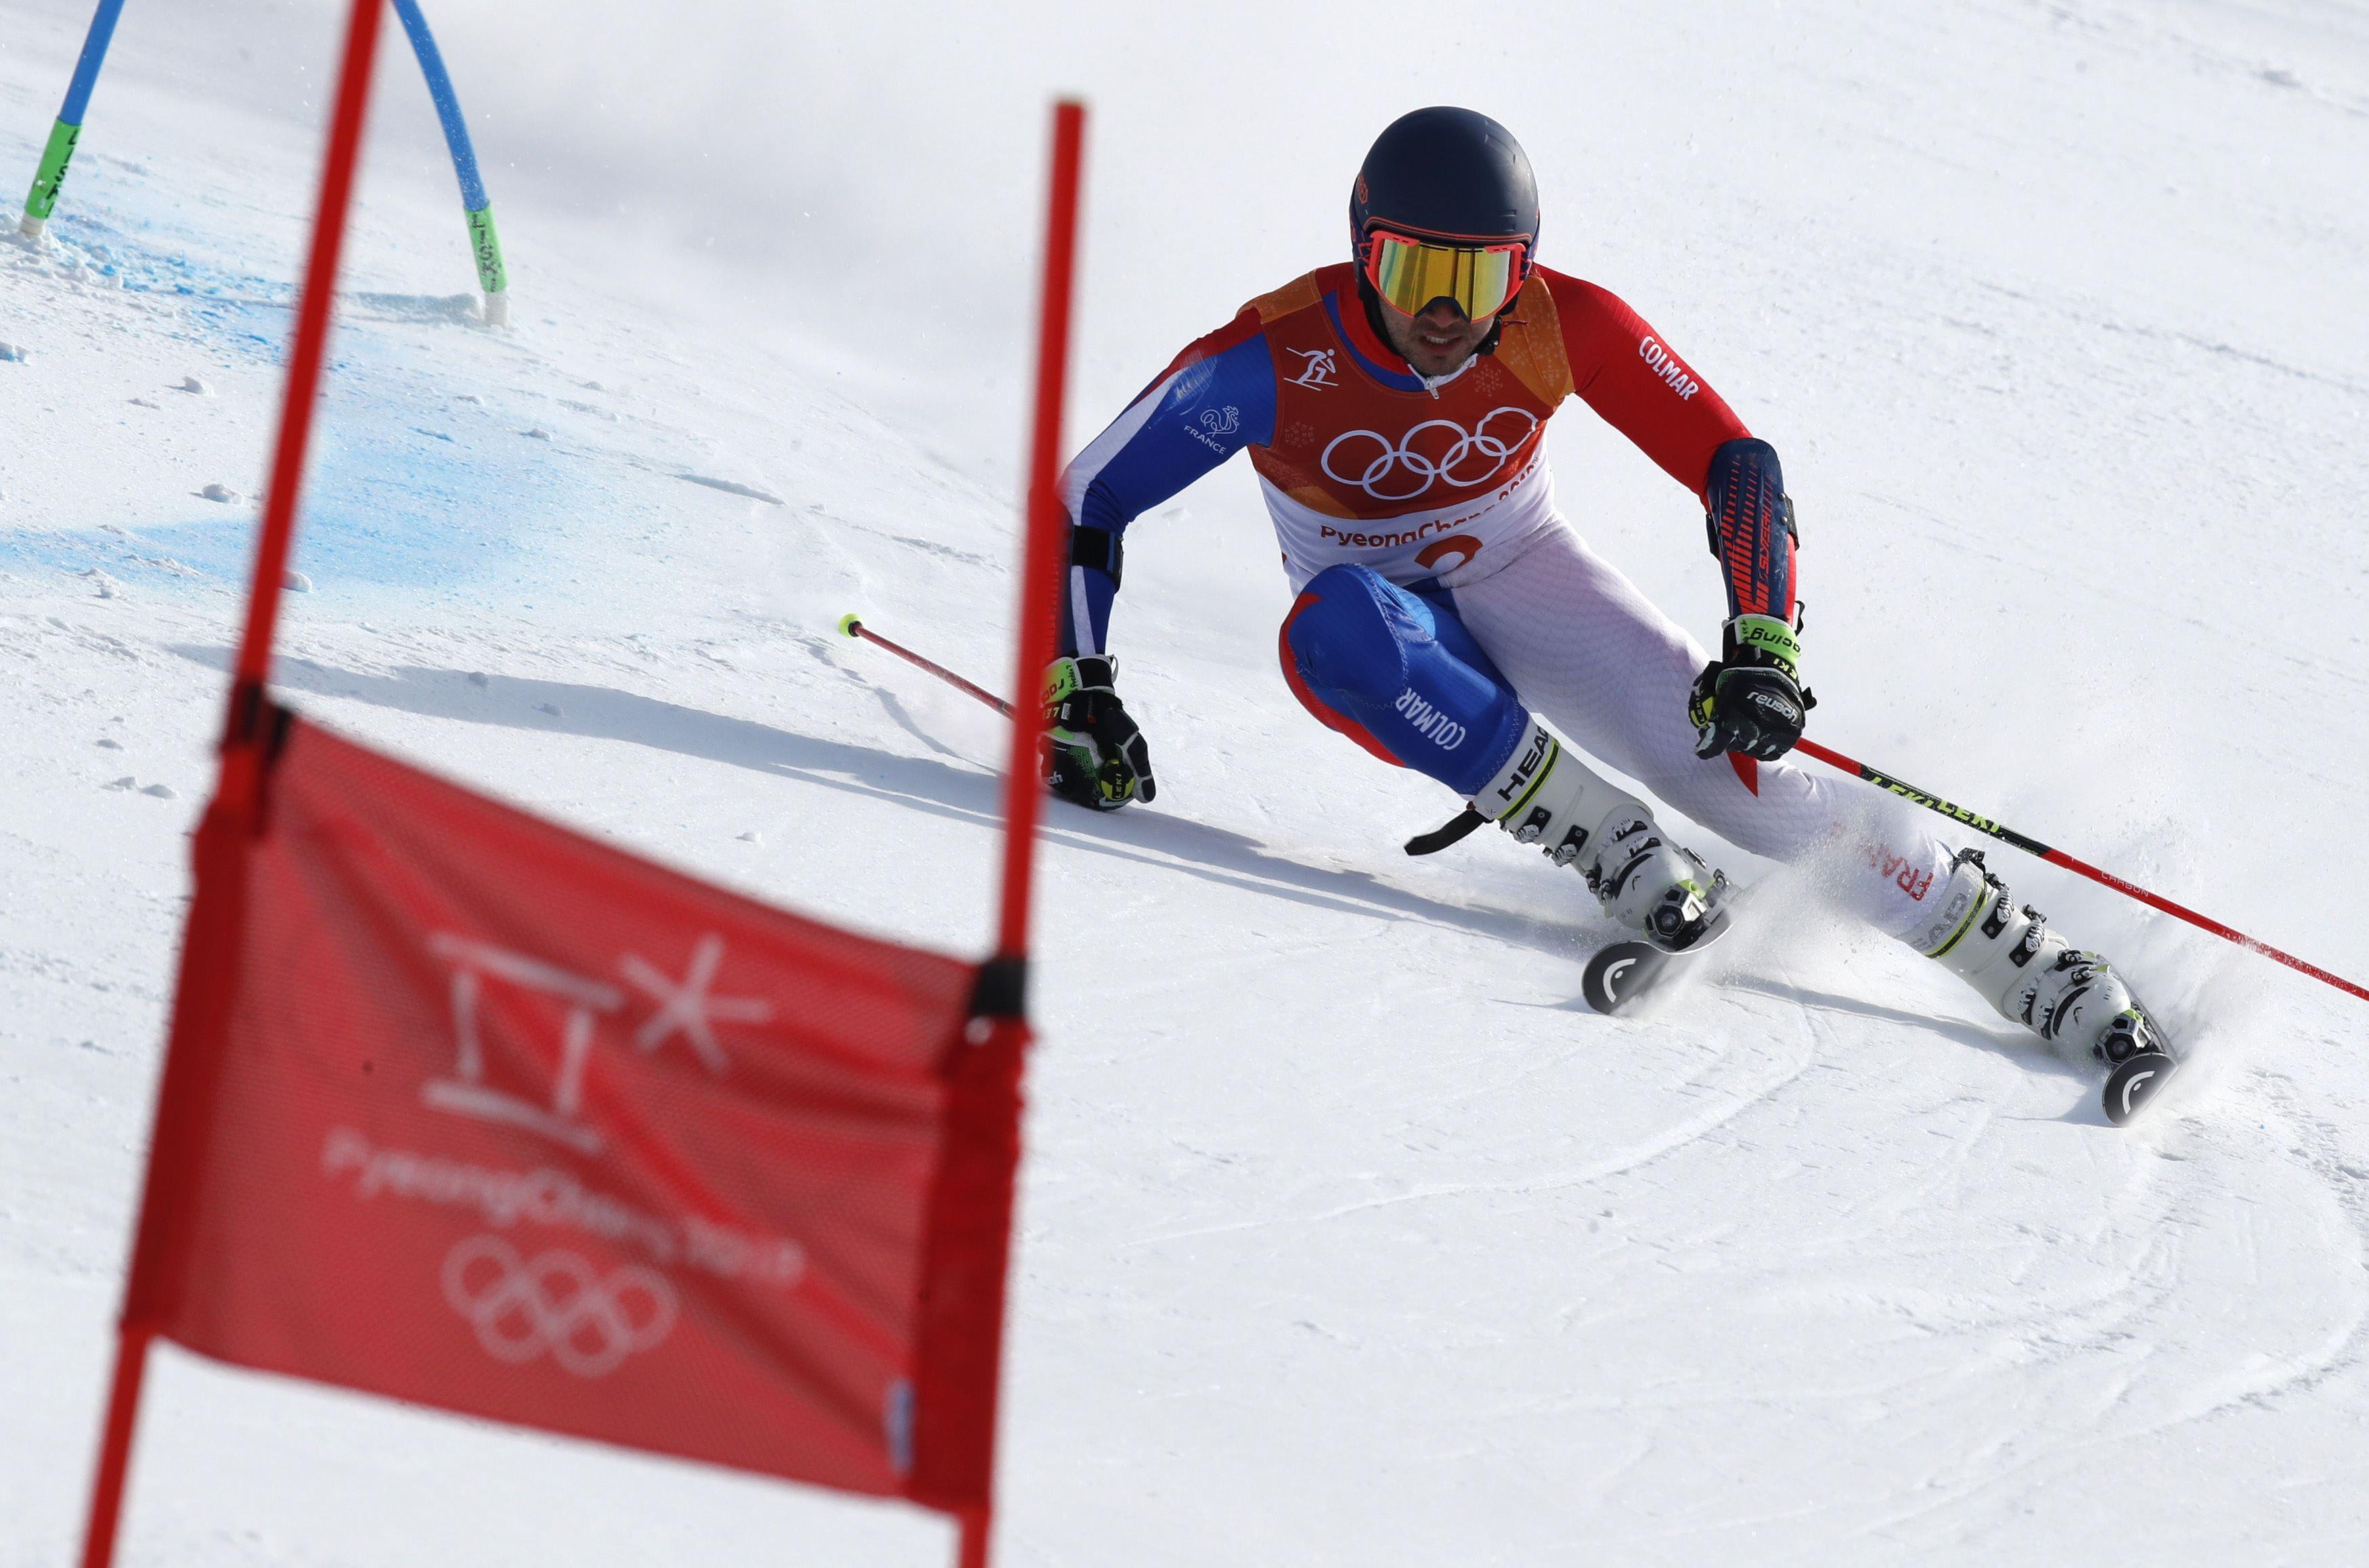 Jeux olympiques - Pyeongchang 2018 - JO 2018 : Carton rouge pour Mathieu Faivre